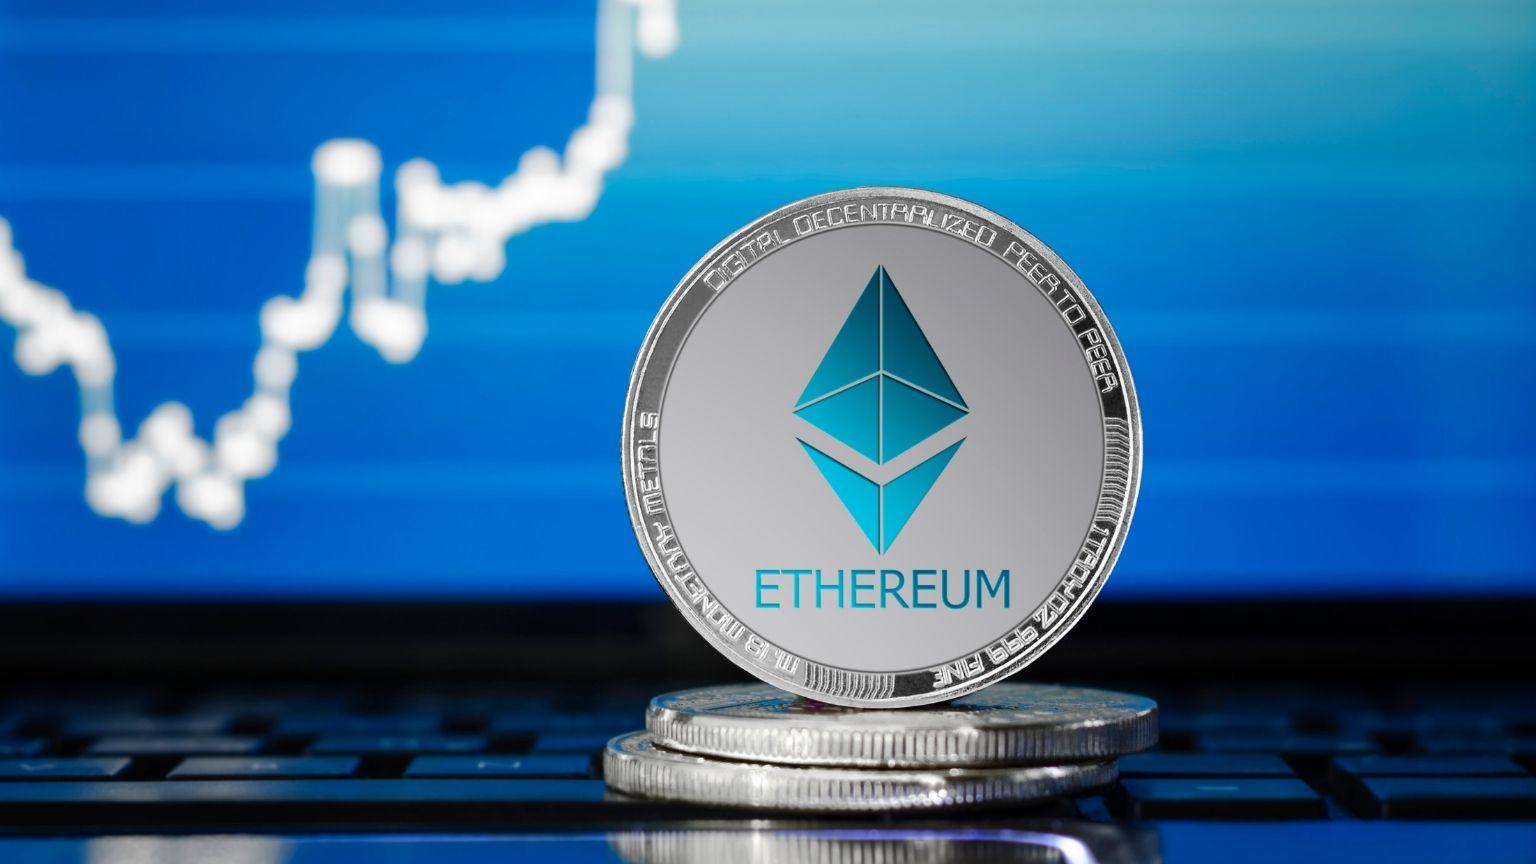 Criptomonedas en ascenso: Bitcoin se dirige hacia los 35.000 dólares mientras Ethereum supera los 800